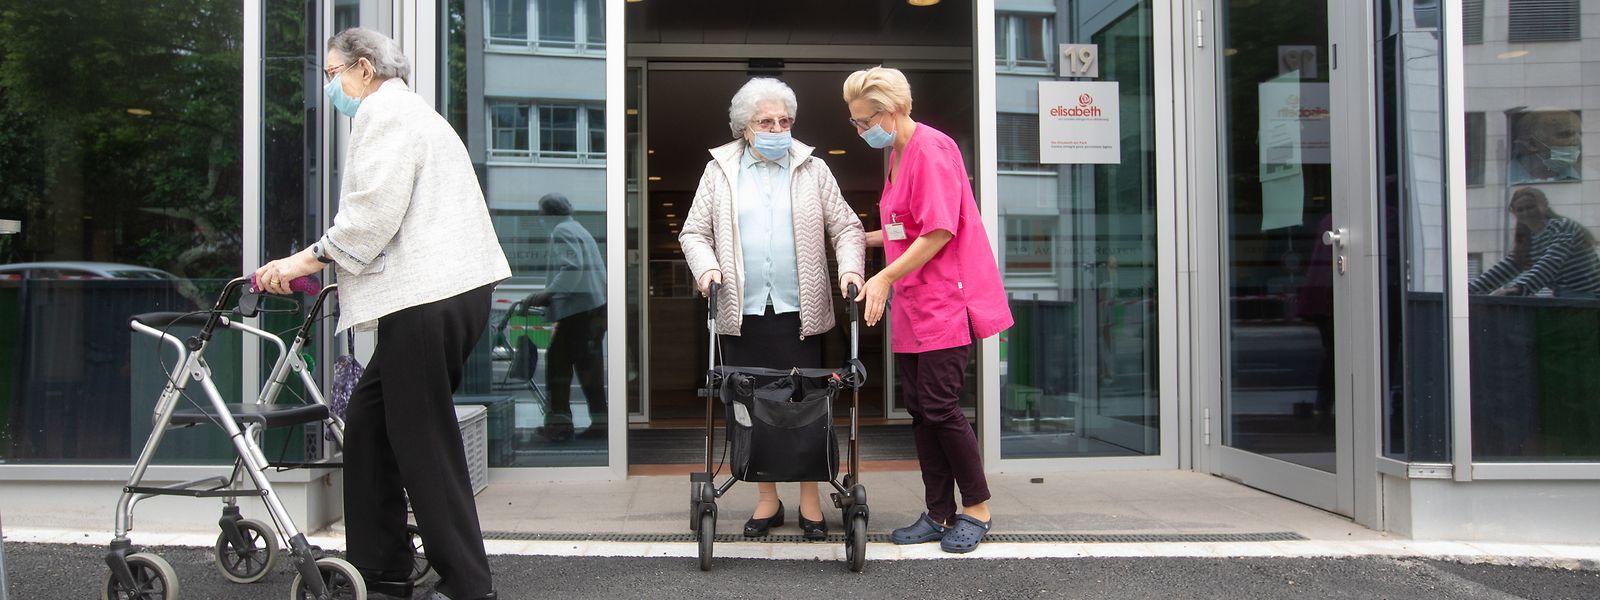 41 des 110 résidents et 40 des 120 personnels soignants de la maison de retraite Elisabeth am Park ont été testés positifs au covid-19 depuis la mi-janvier.